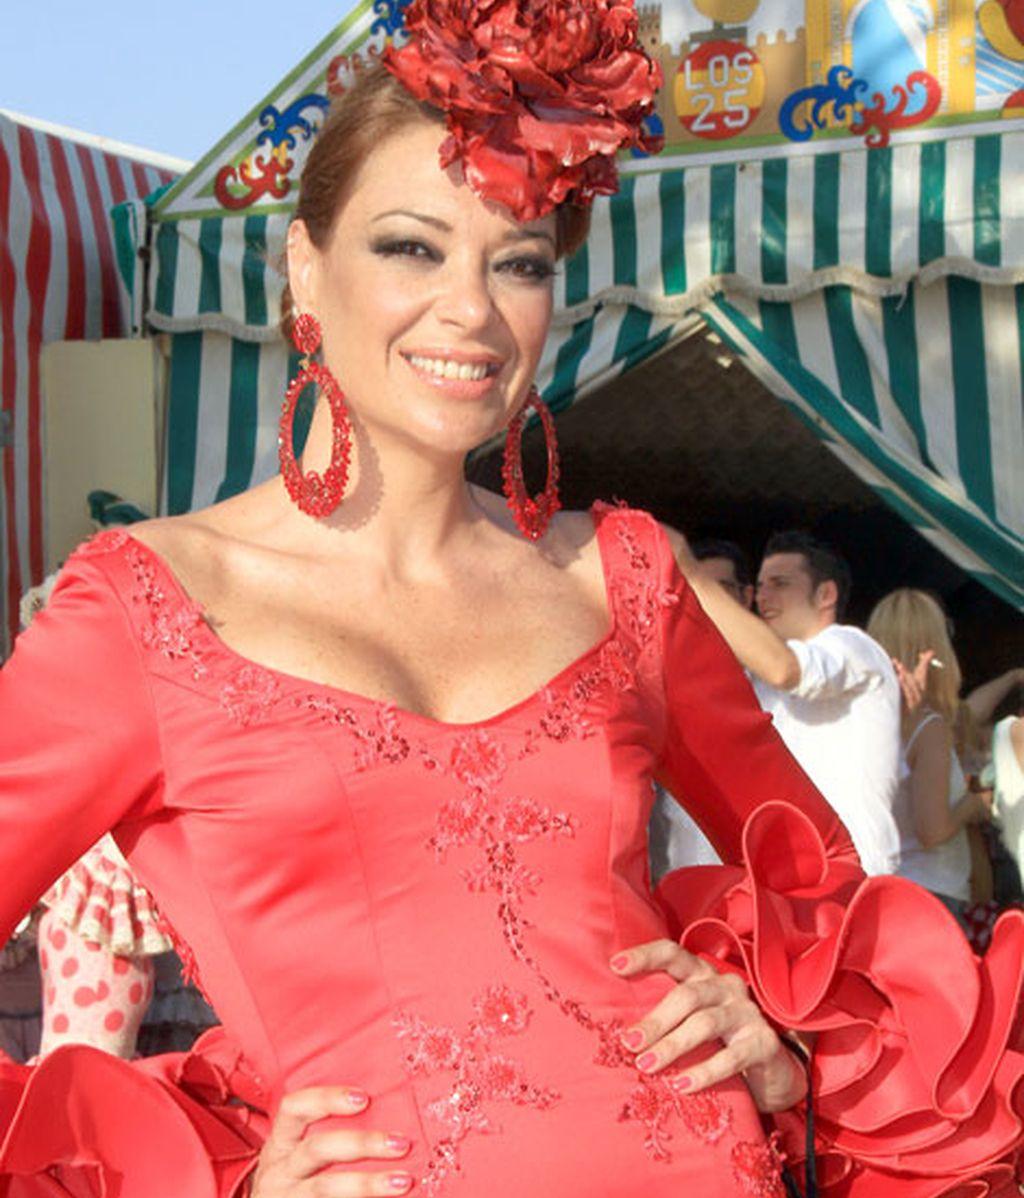 Lucía Hoyos, con traje de volantes rojo